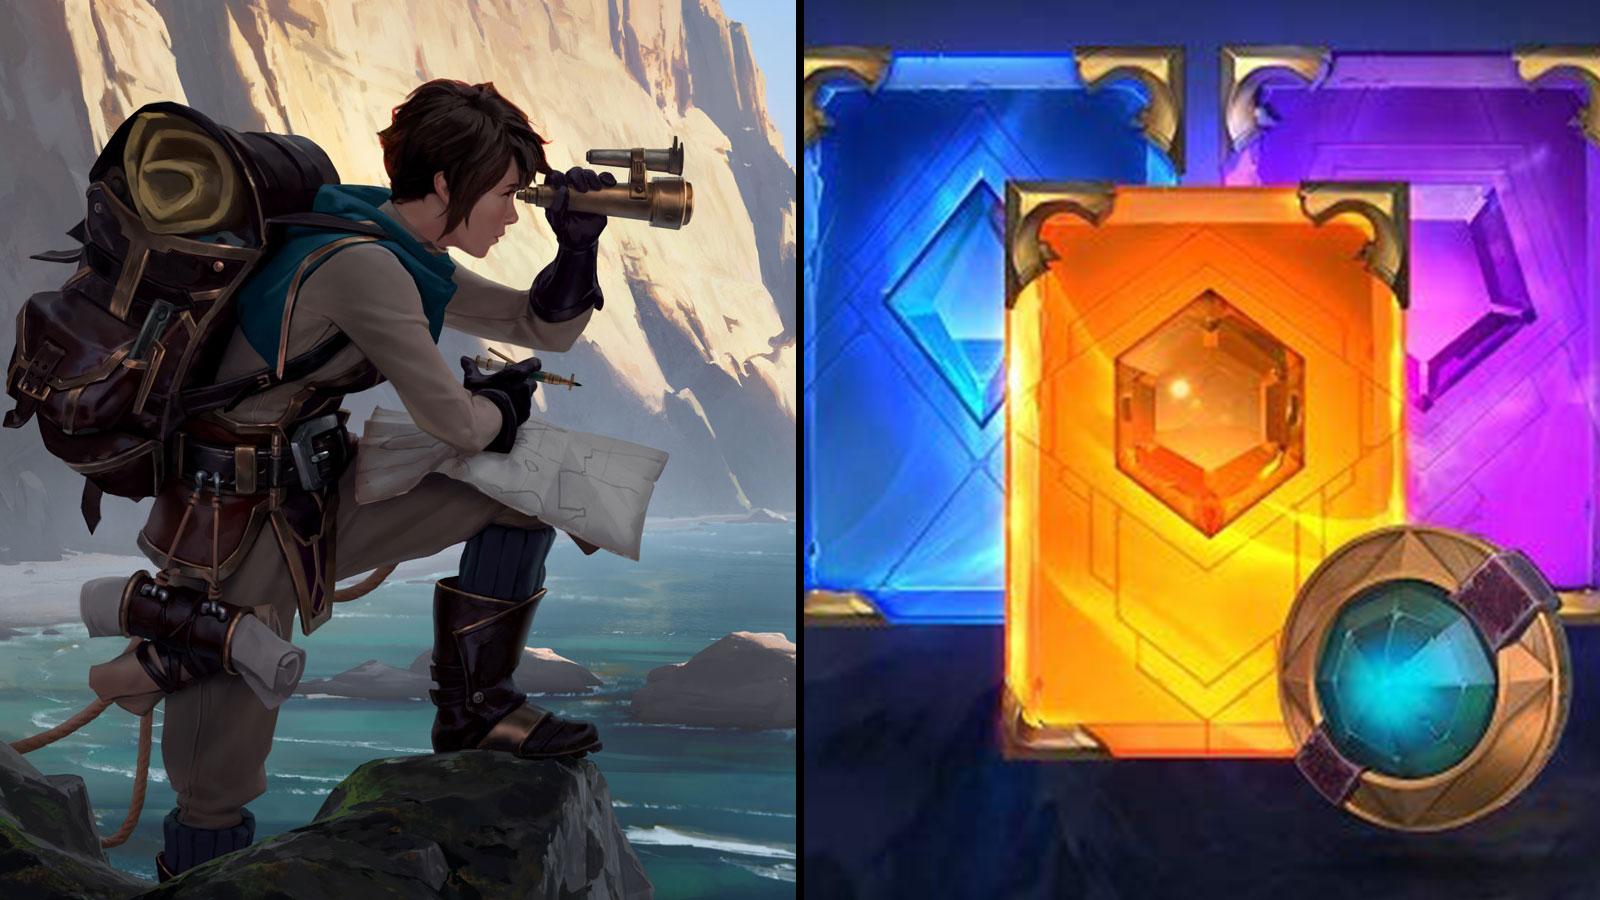 Vous pouvez obtenir des récompenses sur Legends of Runeterra grâce à Twitch Prime